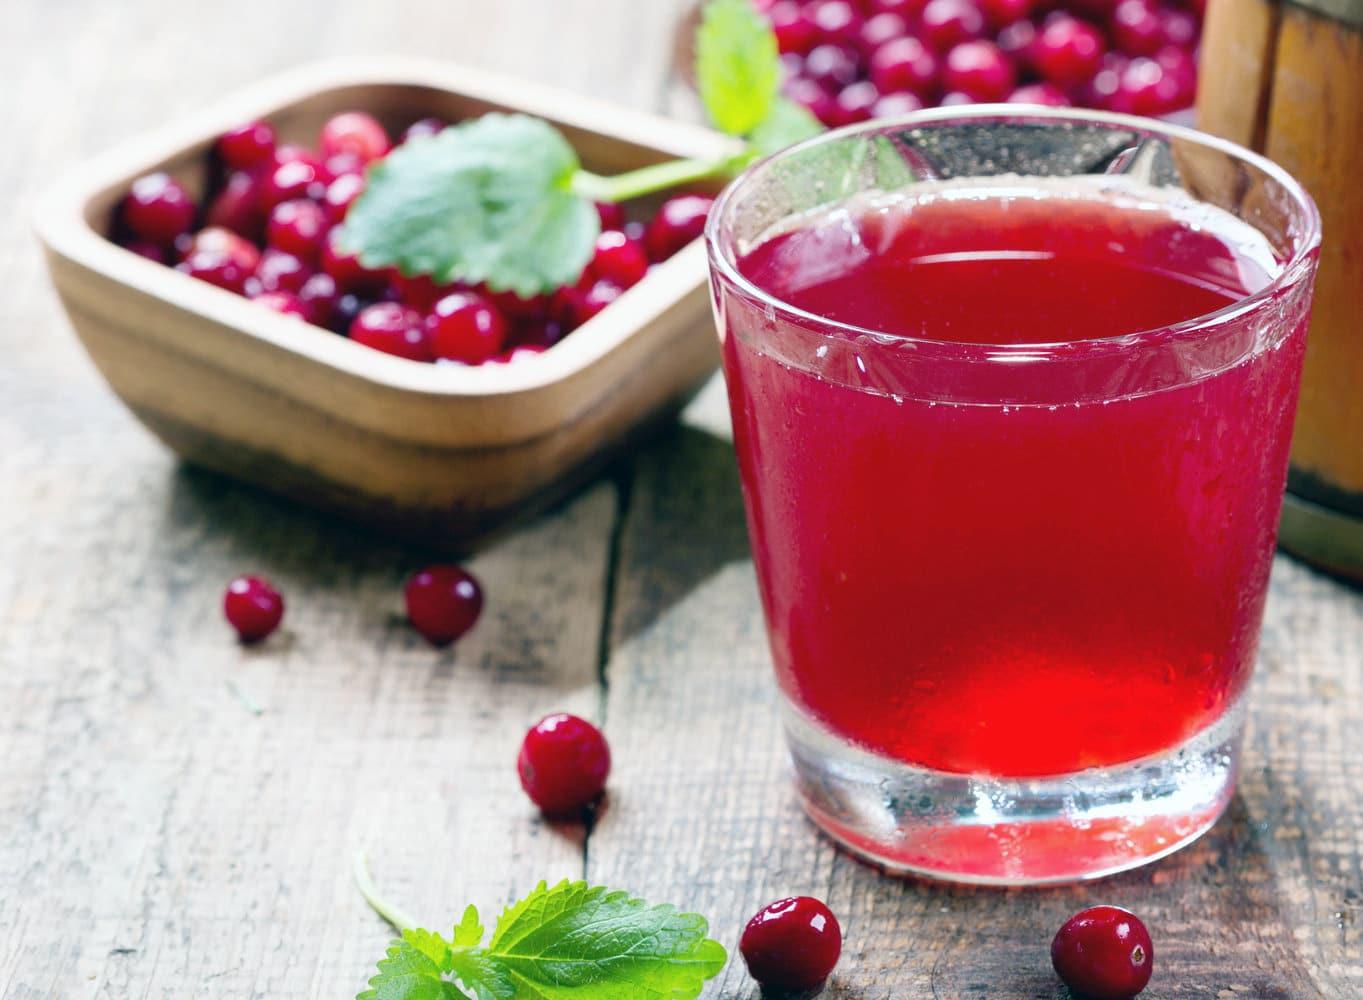 Förebygga urinvägsinfektion med tranbärsjuice